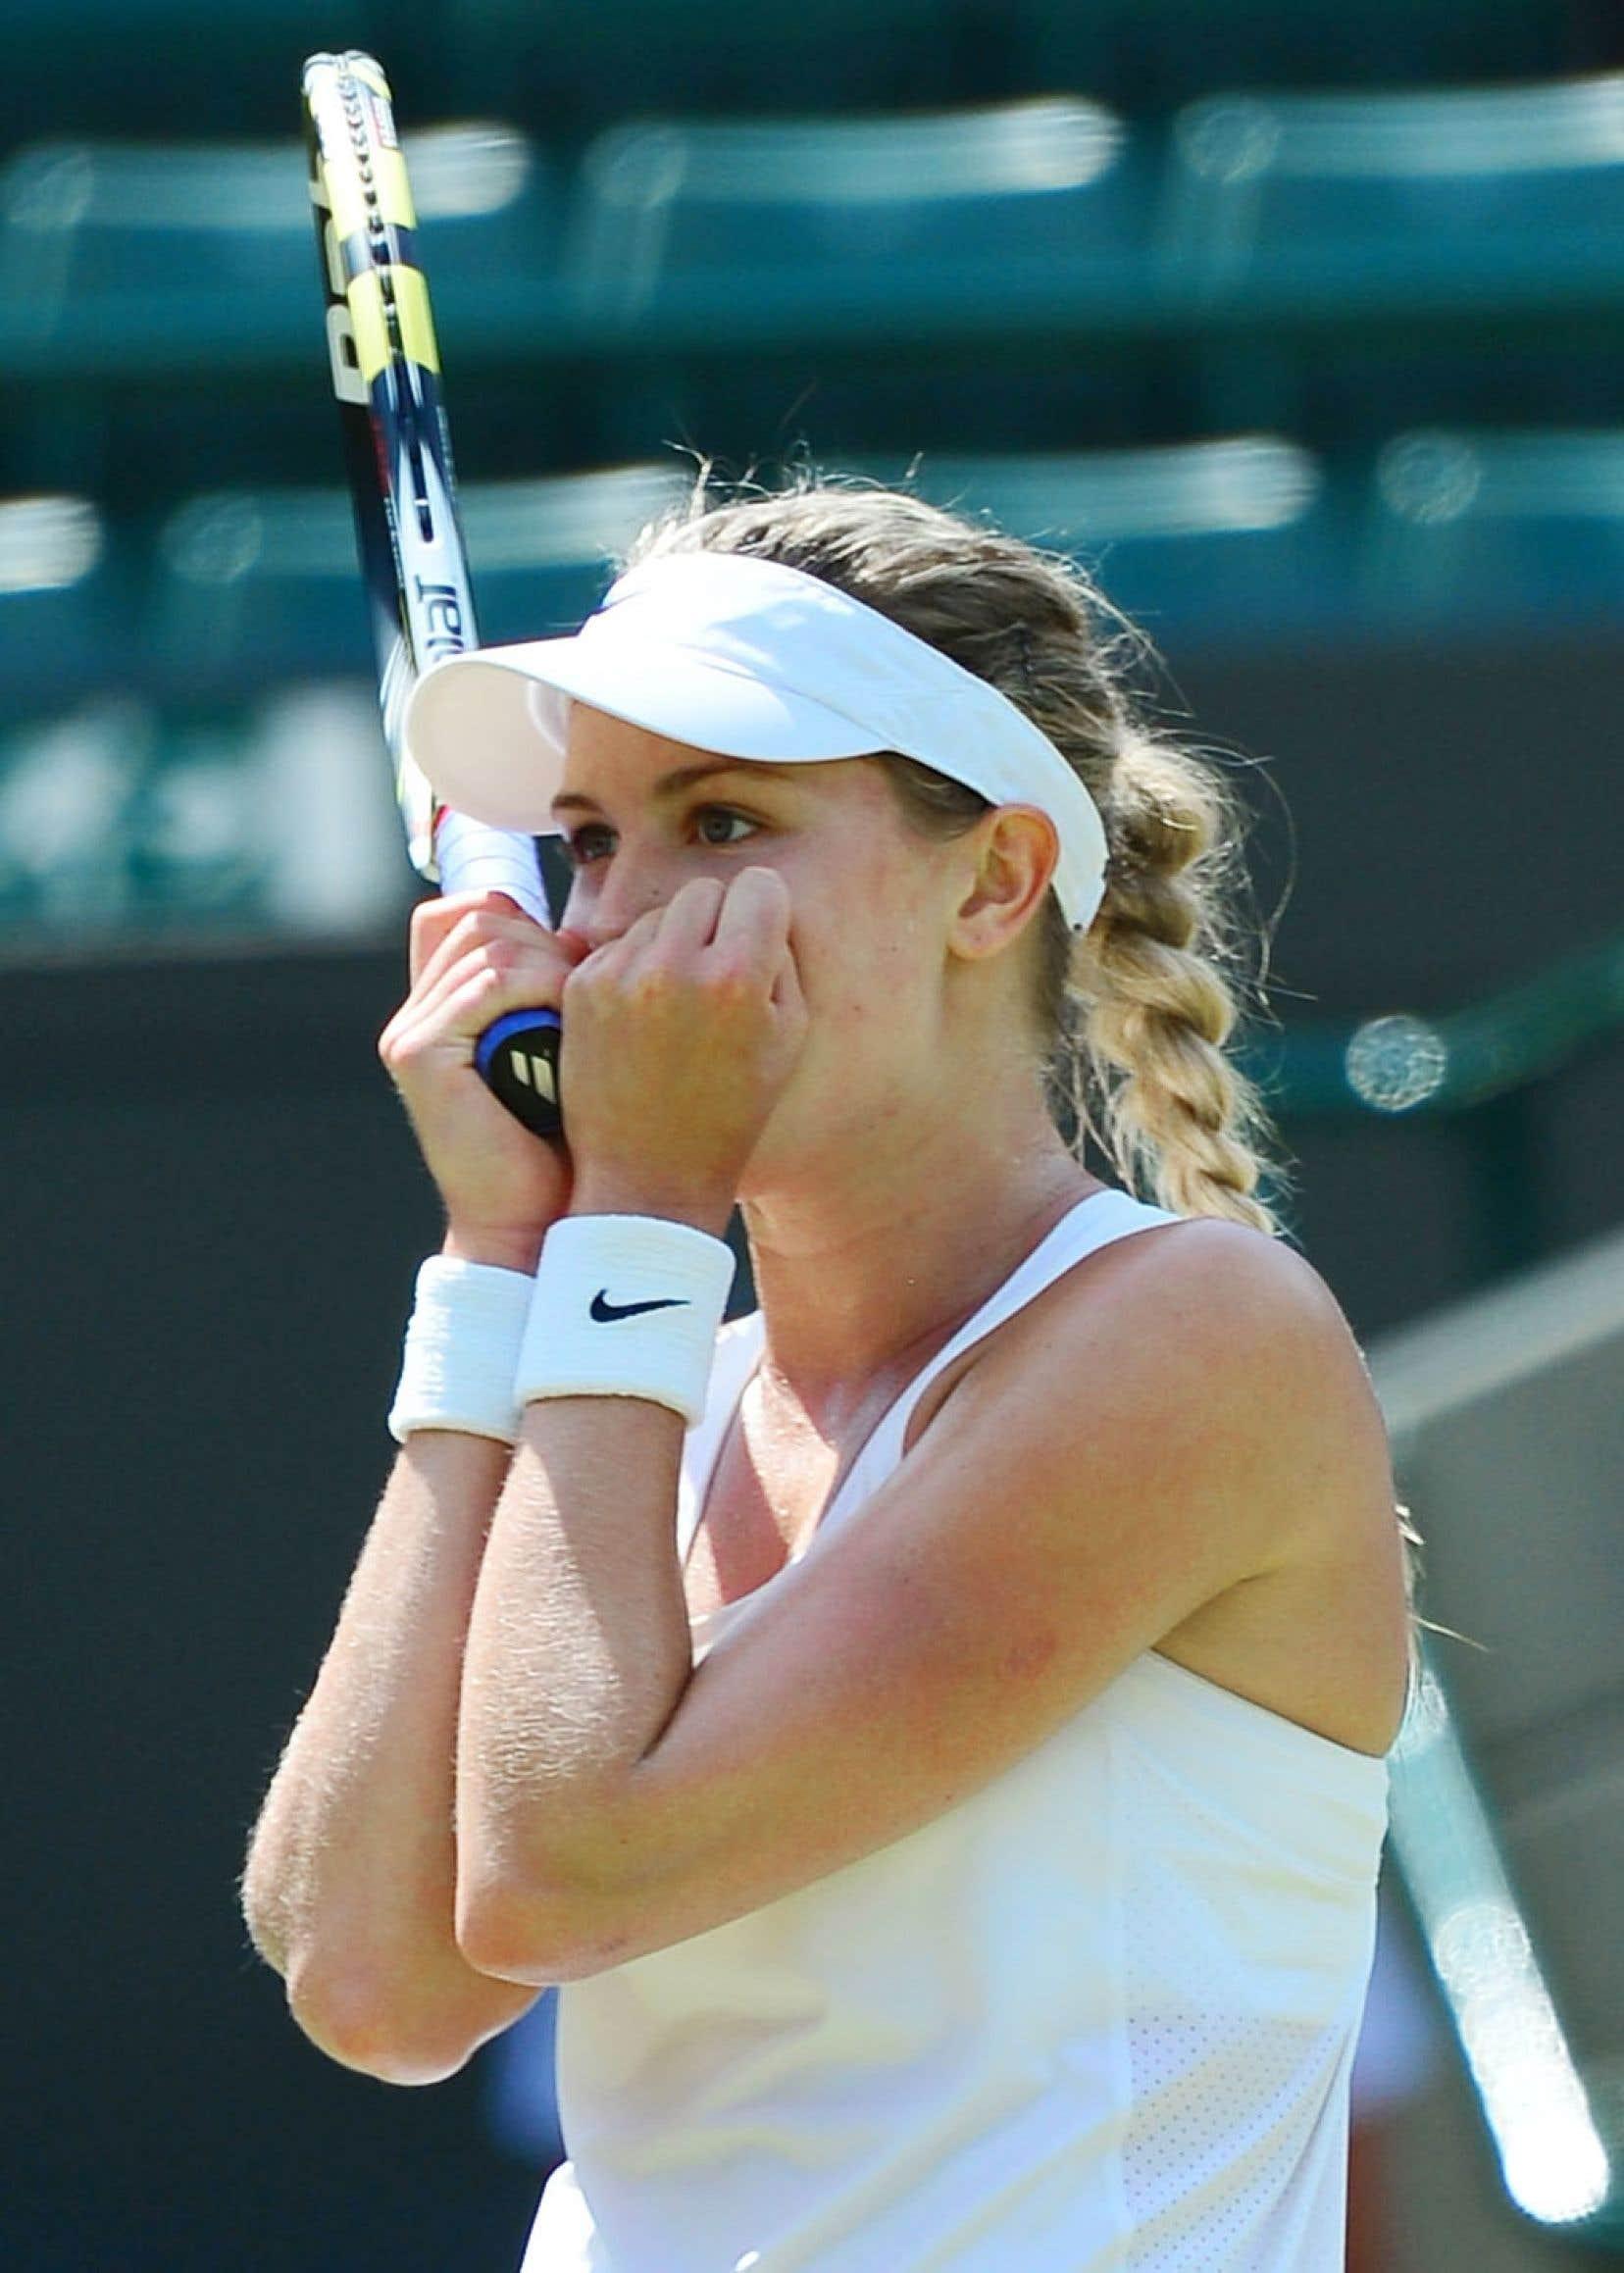 Eugenie Bouchard et son compatriote canadien Milos Raonic ont tous deux atteint<br /> le carr&eacute; d&rsquo;as mercredi au tournoi de tennis de Wimbledon.